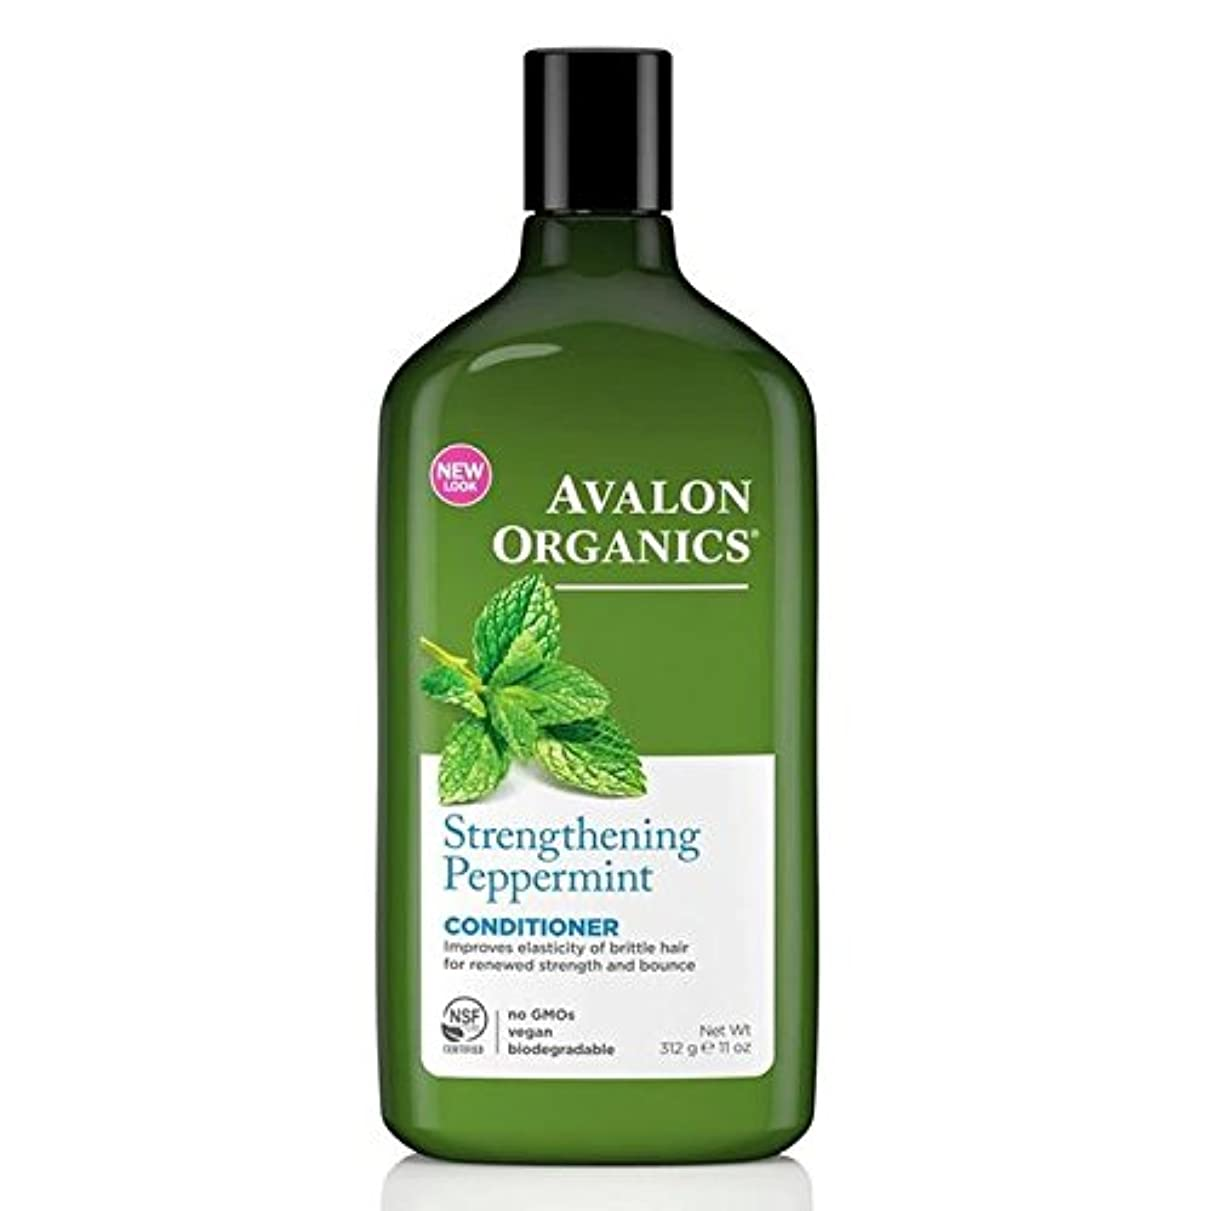 アカデミックキリスト年次Avalon Organics Peppermint Conditioner 325ml - (Avalon) ペパーミントコンディショナー325ミリリットル [並行輸入品]